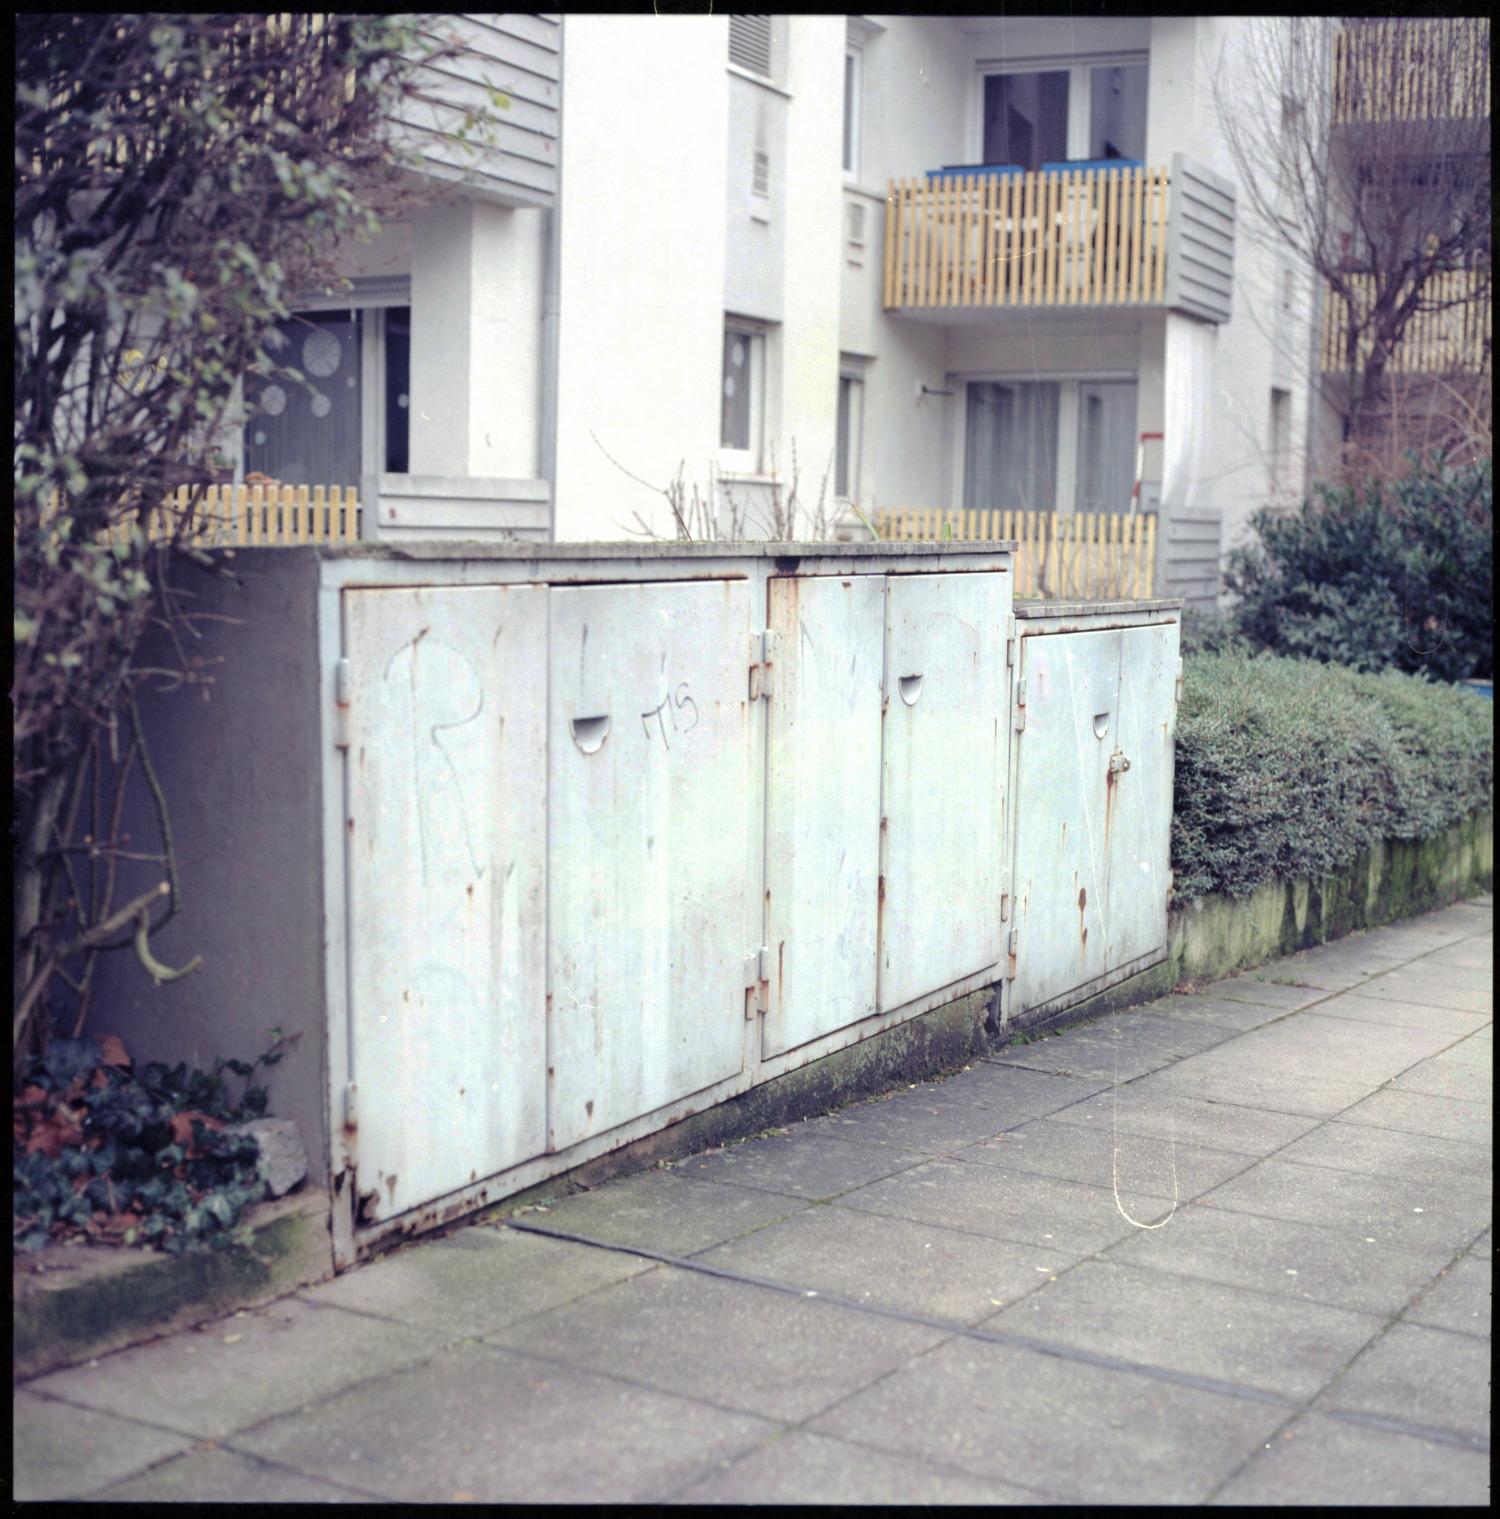 Stuttgart Dustbin Shed Door